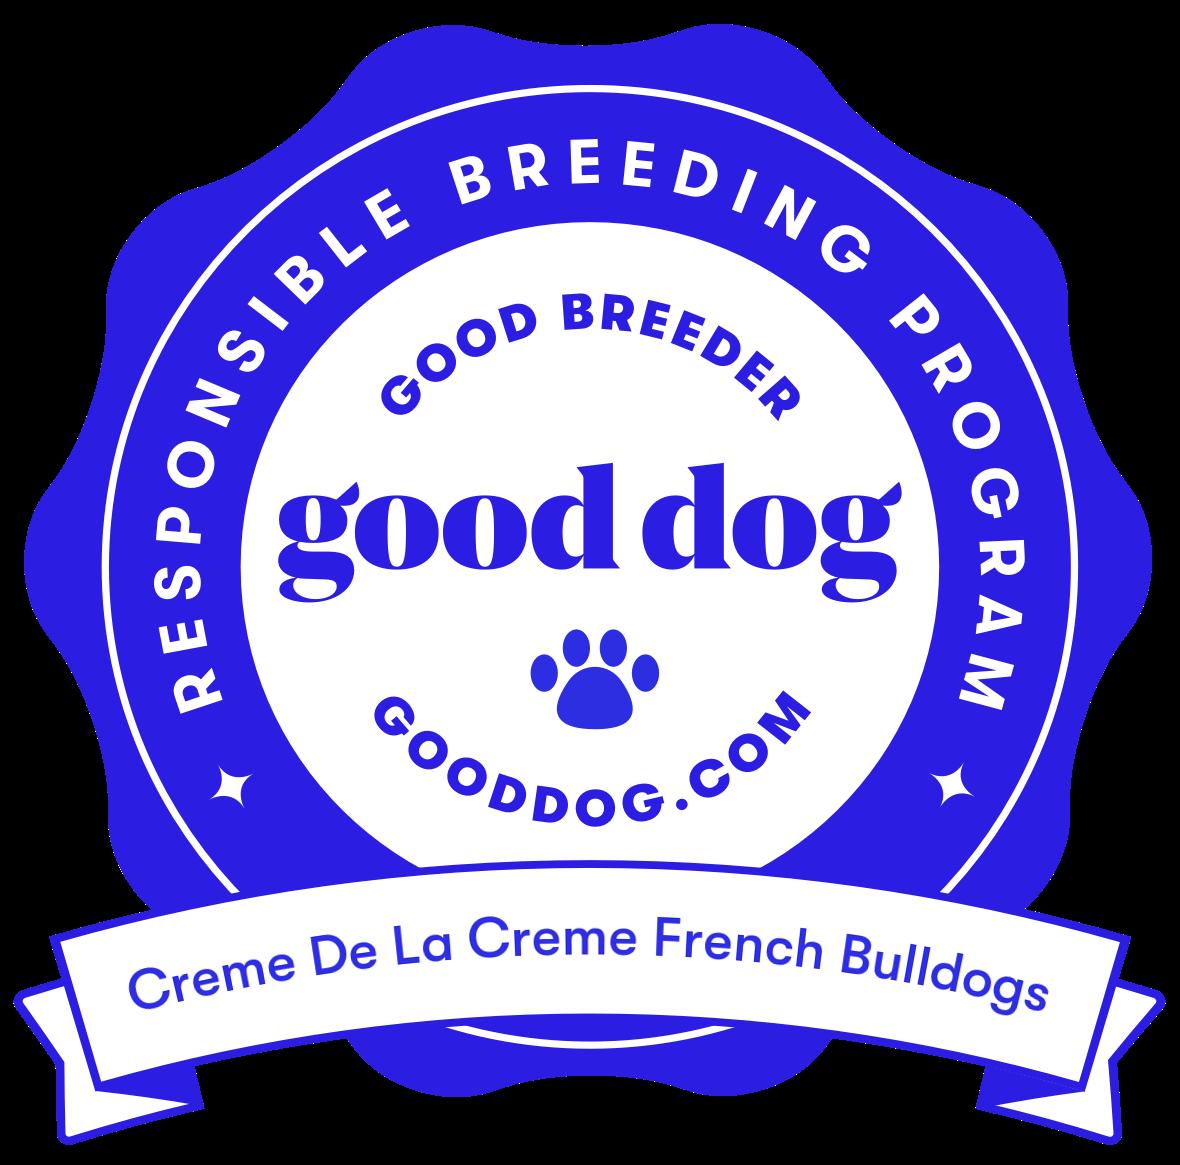 good-dog-breeder-badge.png